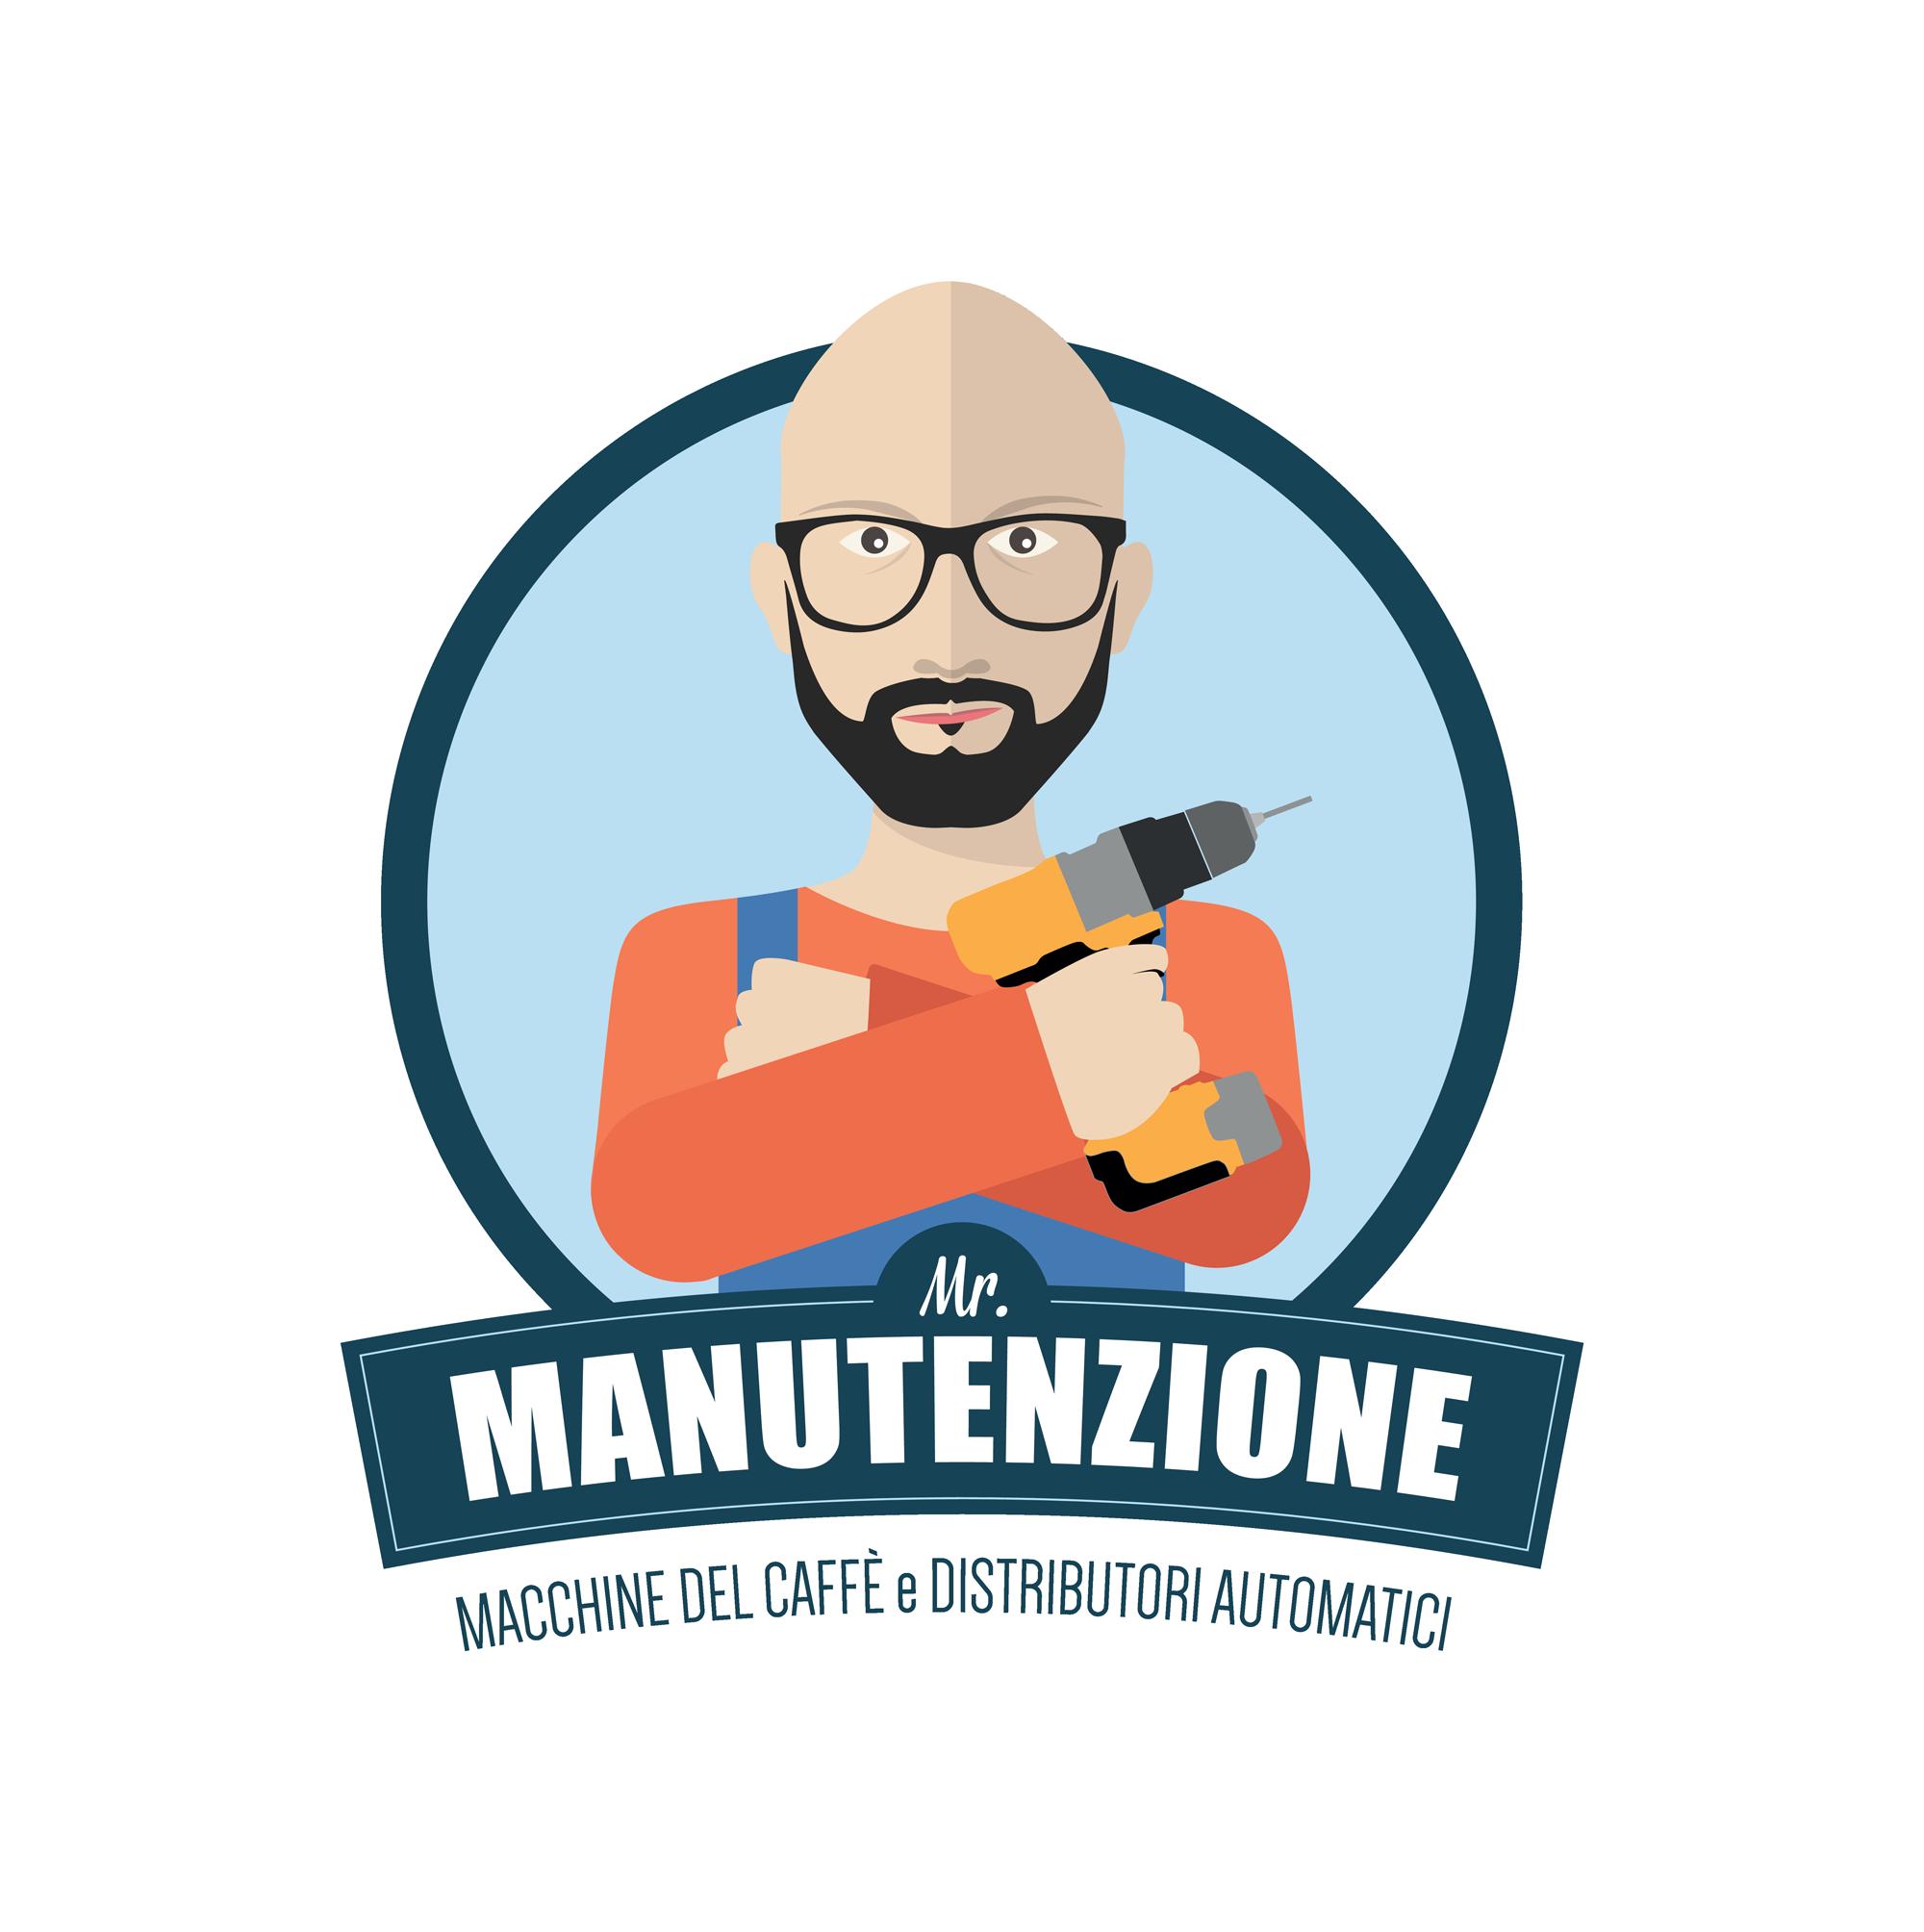 Mr Manutenzione